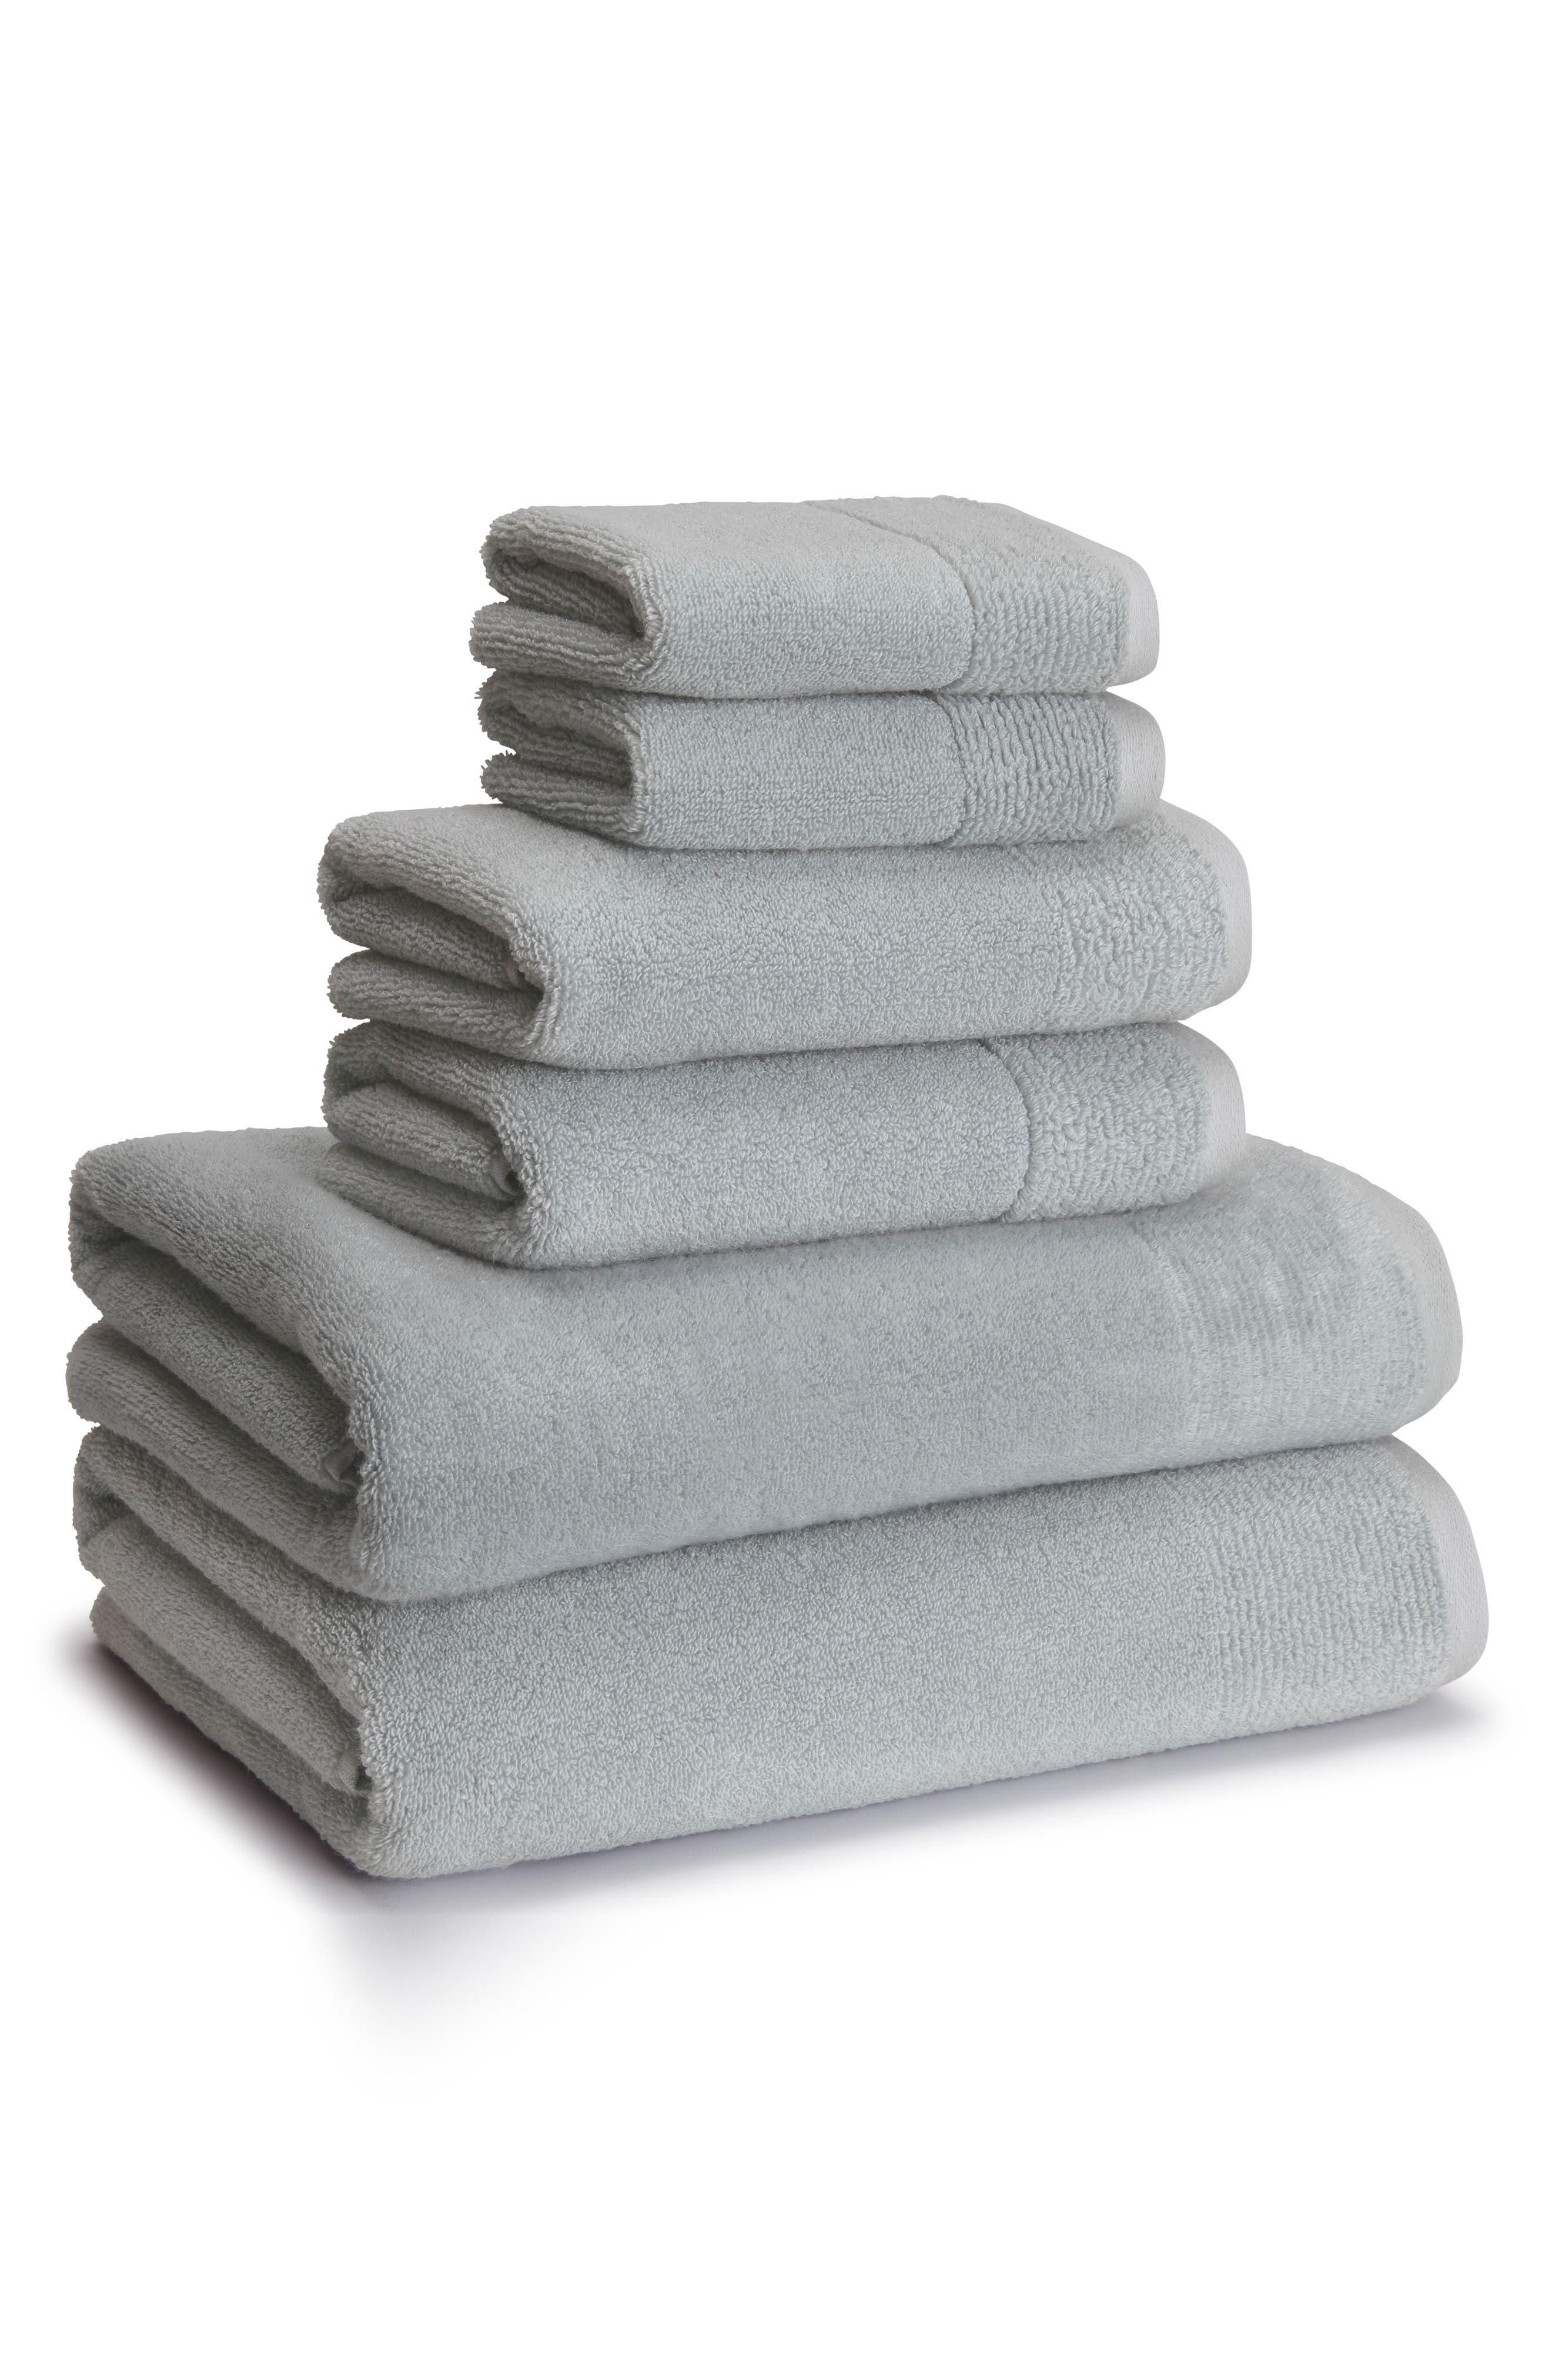 Main Image - KASSATEX Kyoto Hand Towel